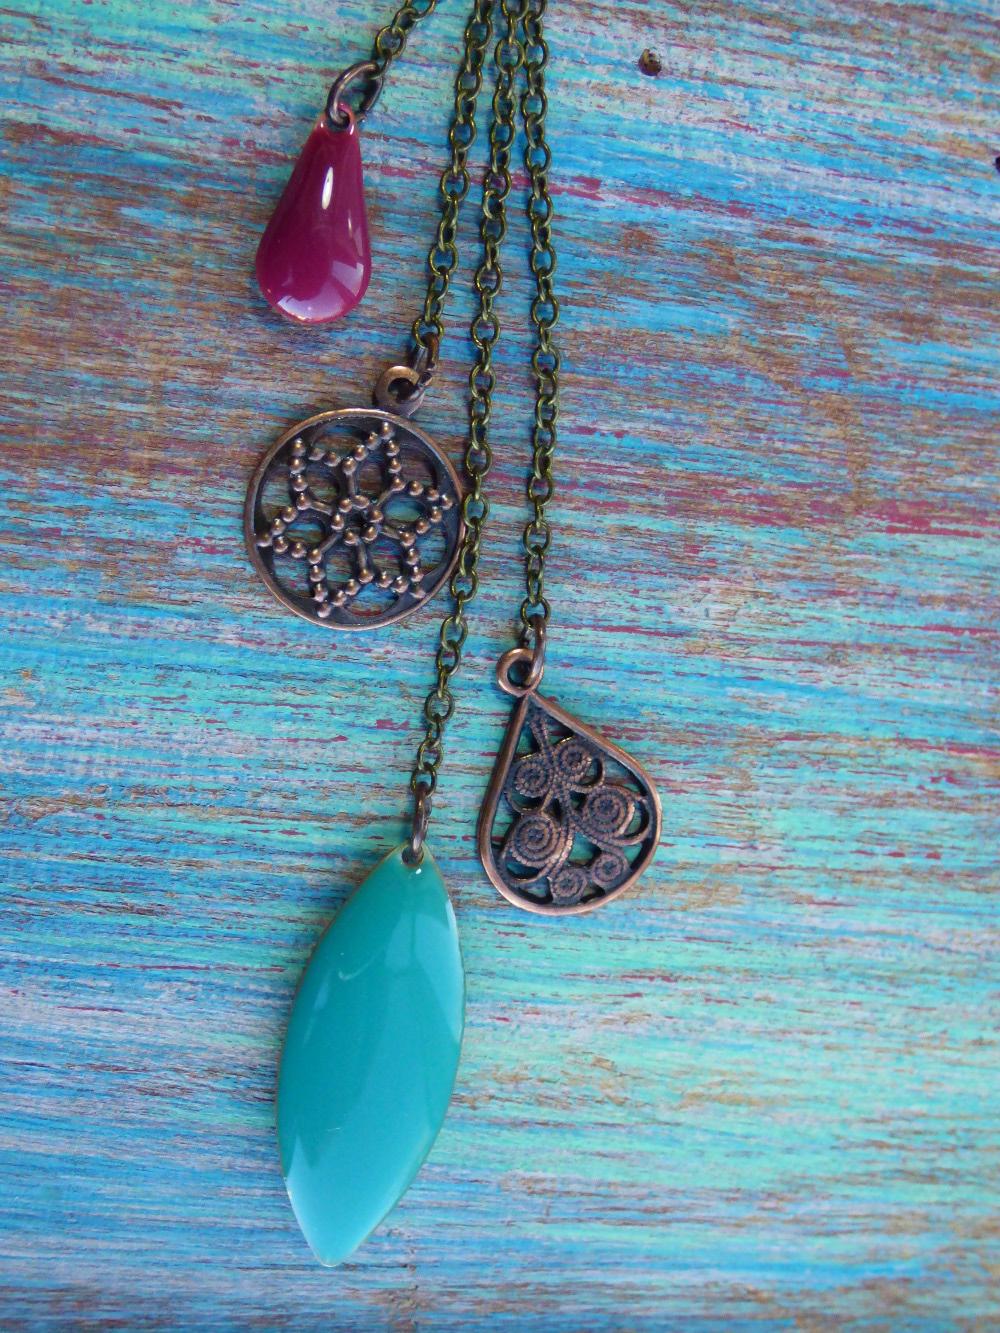 pendant chaînettes bronze, breloques cuivré vieilli et sequins émaillés turquoise et framboise.